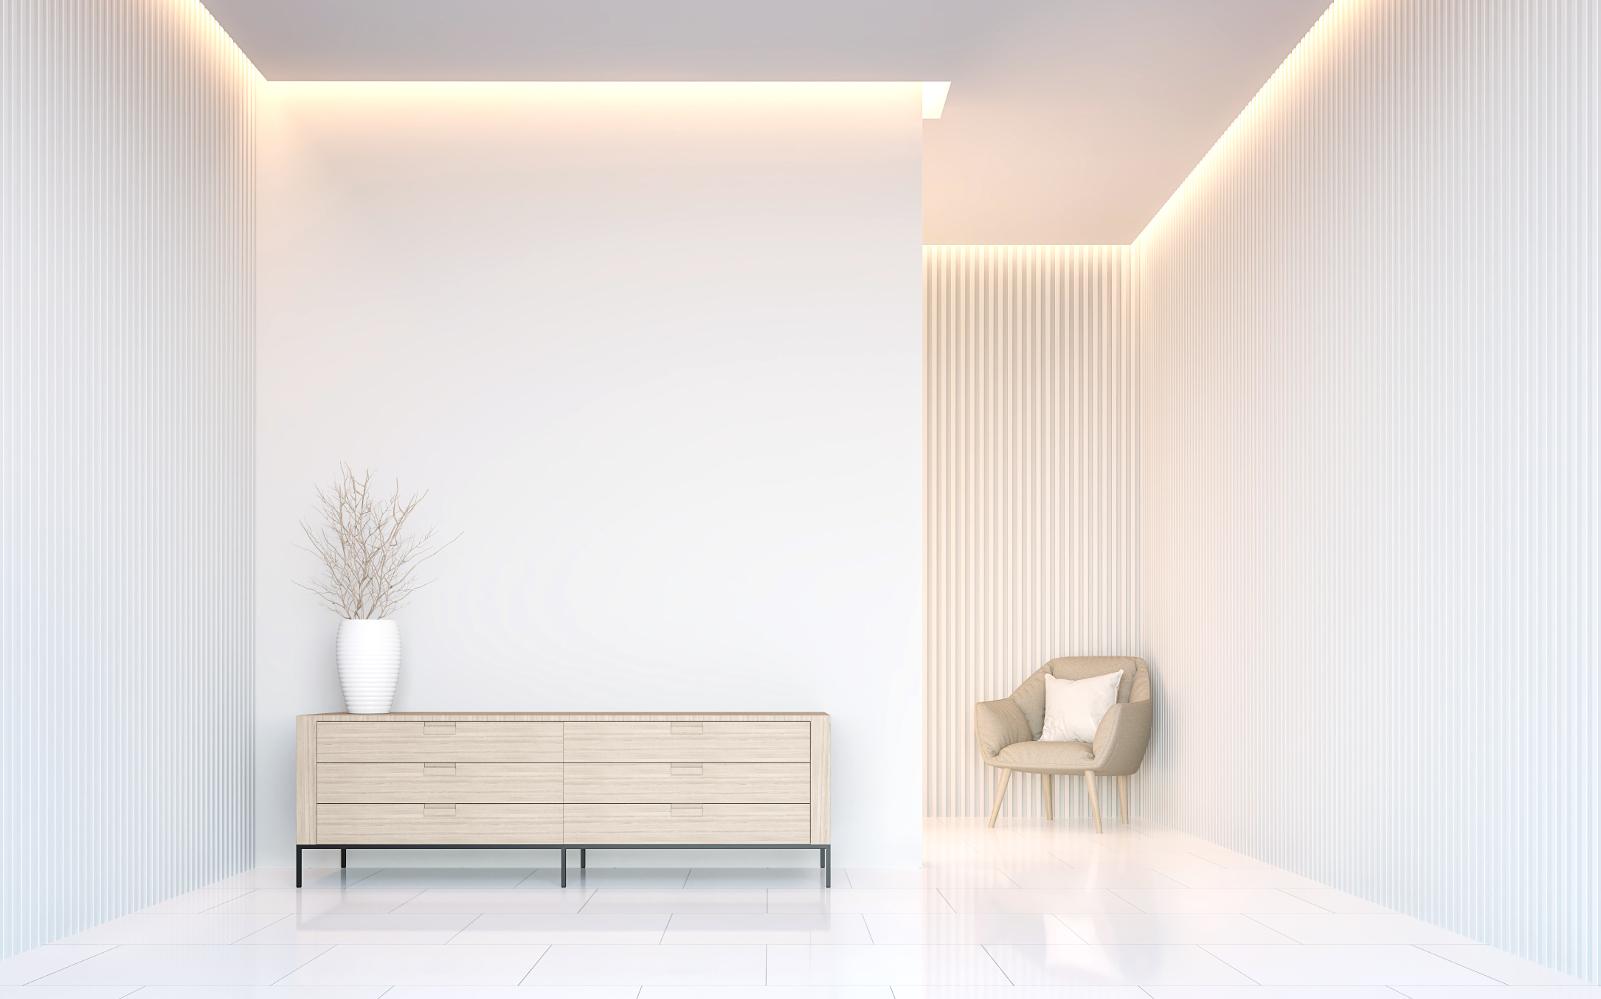 Dachschrgen ausleuchten  7 Tipps fr Beleuchtung im Dachgeschoss